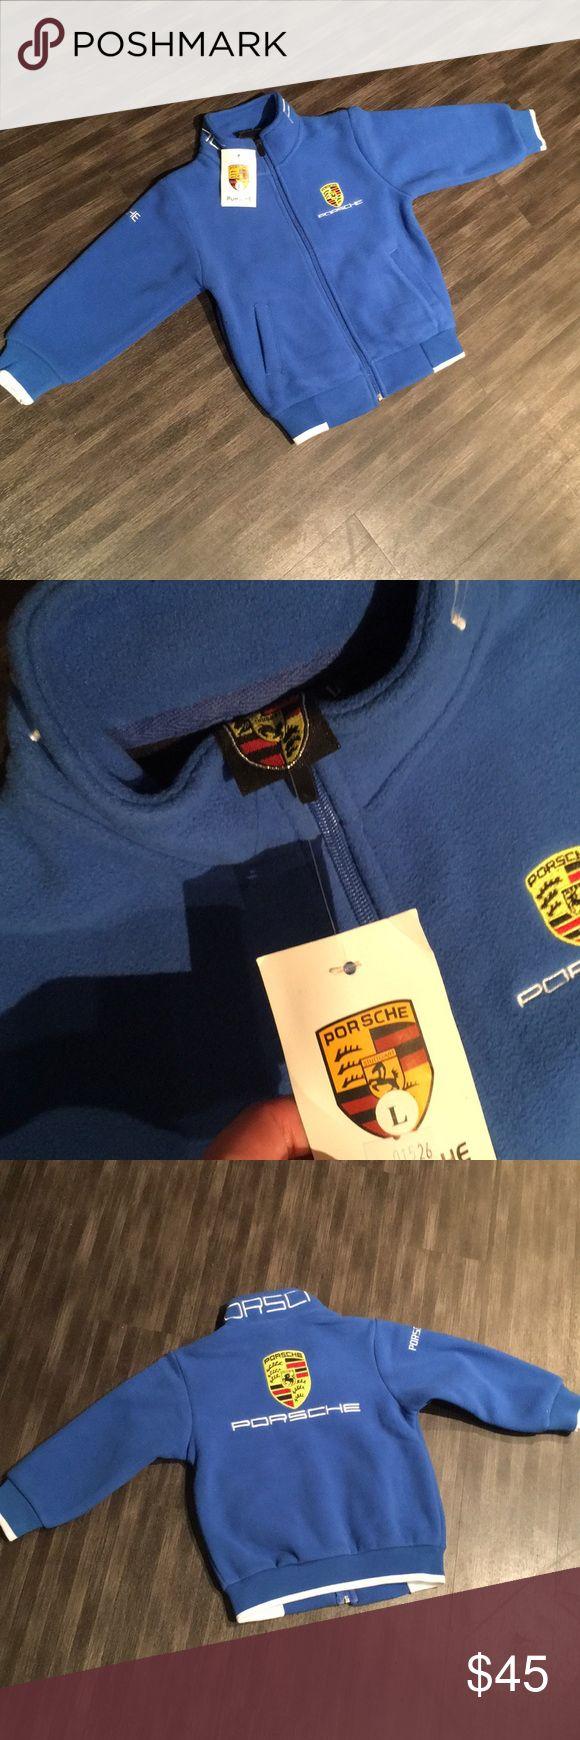 Nwt porsche design fleece zip up Nwt Boys size 8-10 Fleece Porsche Design Jackets & Coats